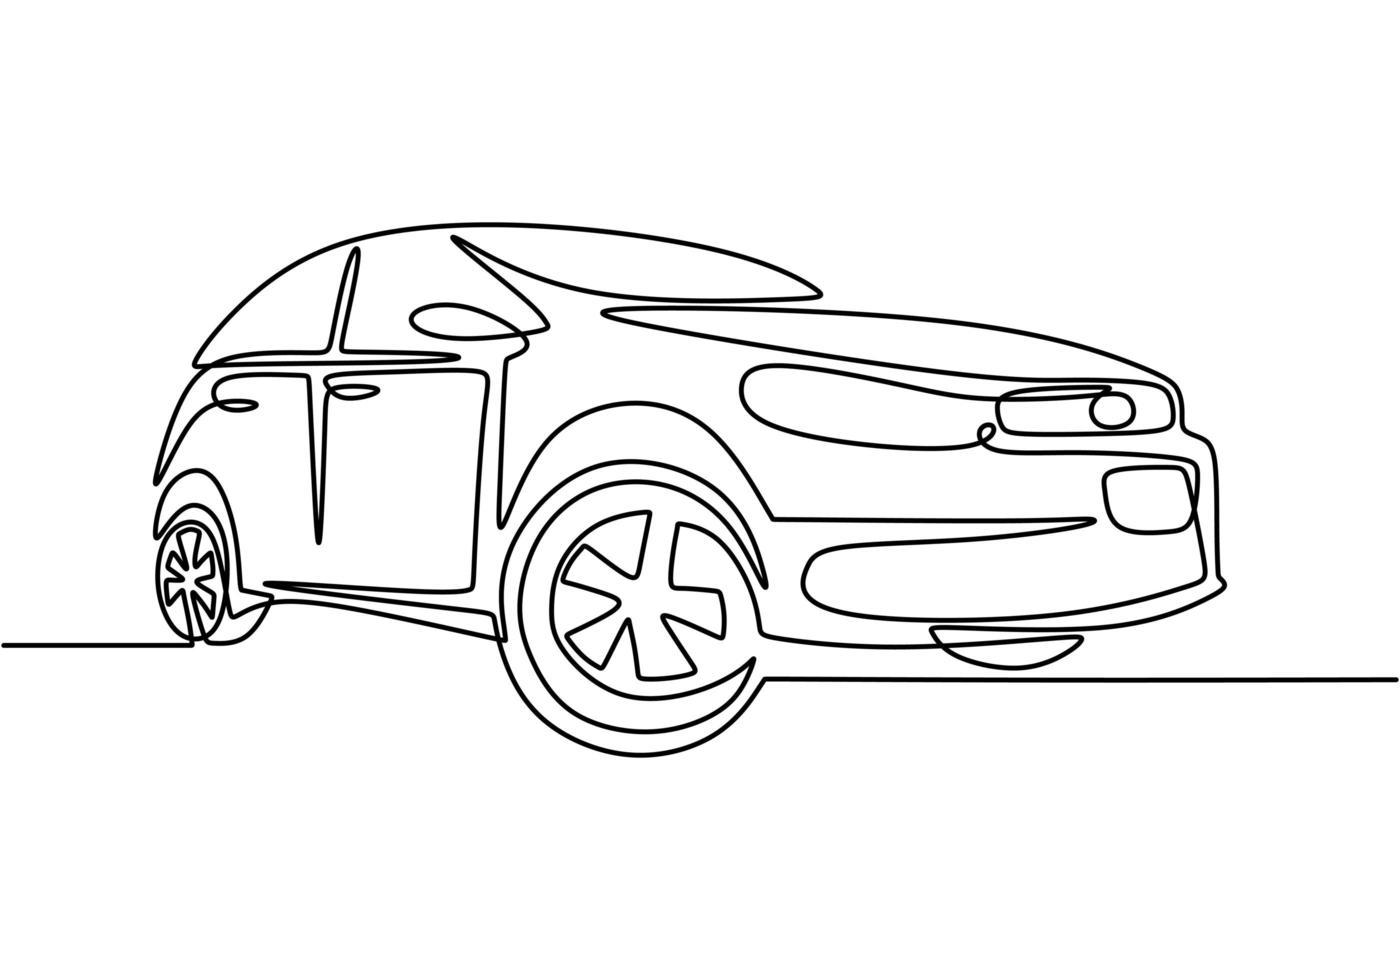 een enkele doorlopende lijntekening van een luxeauto. detailopname. vector